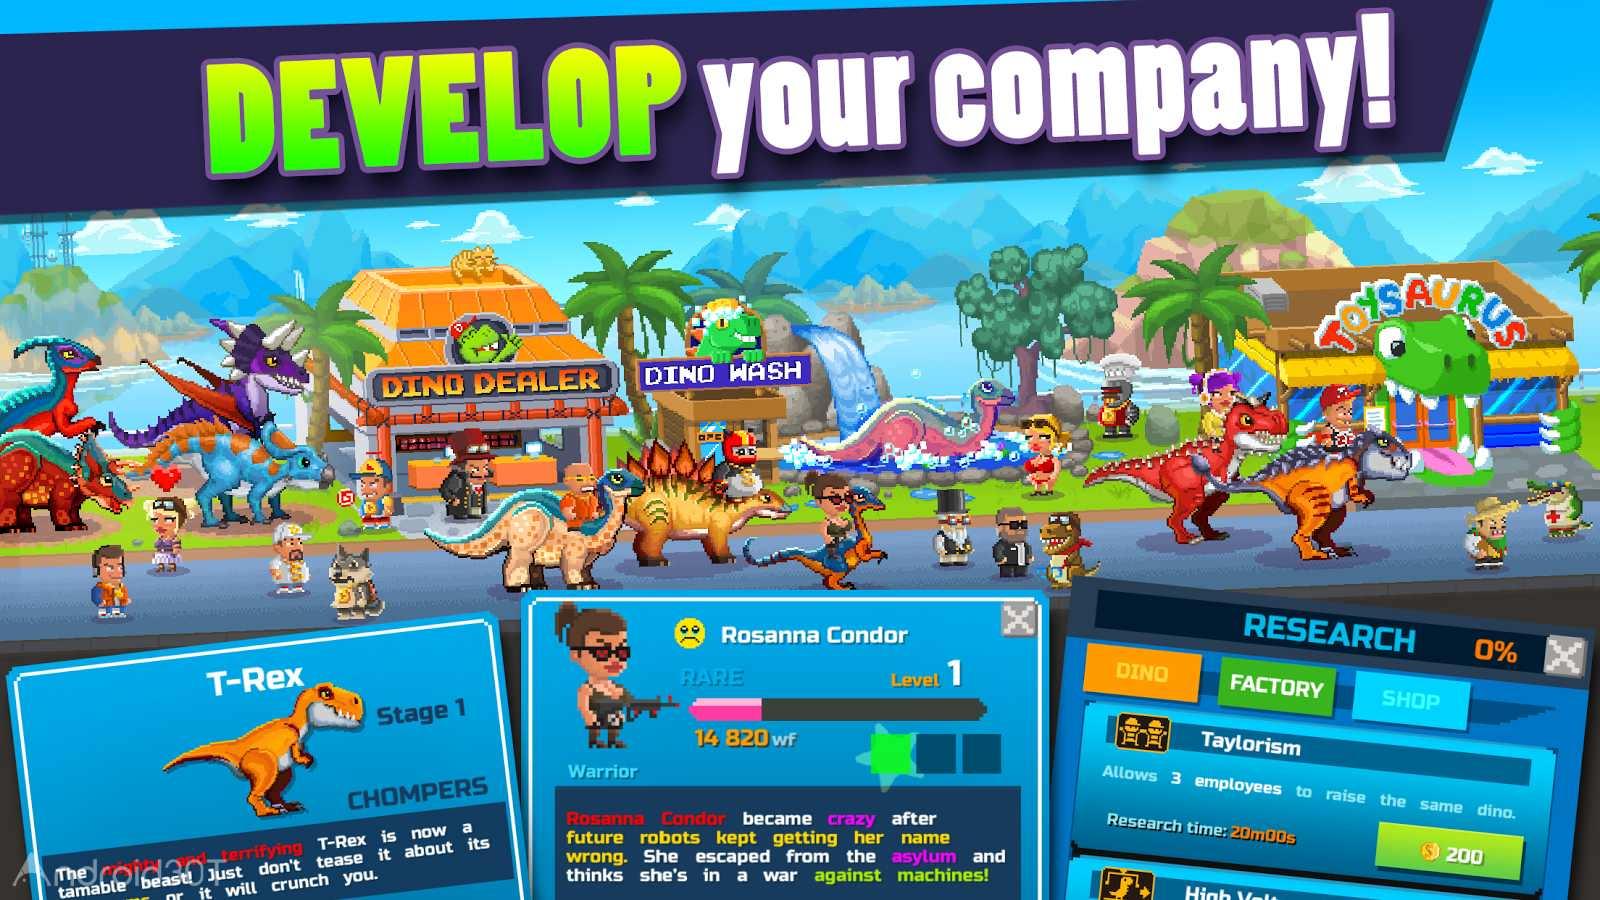 دانلود Dino Factory 1.4.1 – بازی کارخانه دایناسورسازی اندروید